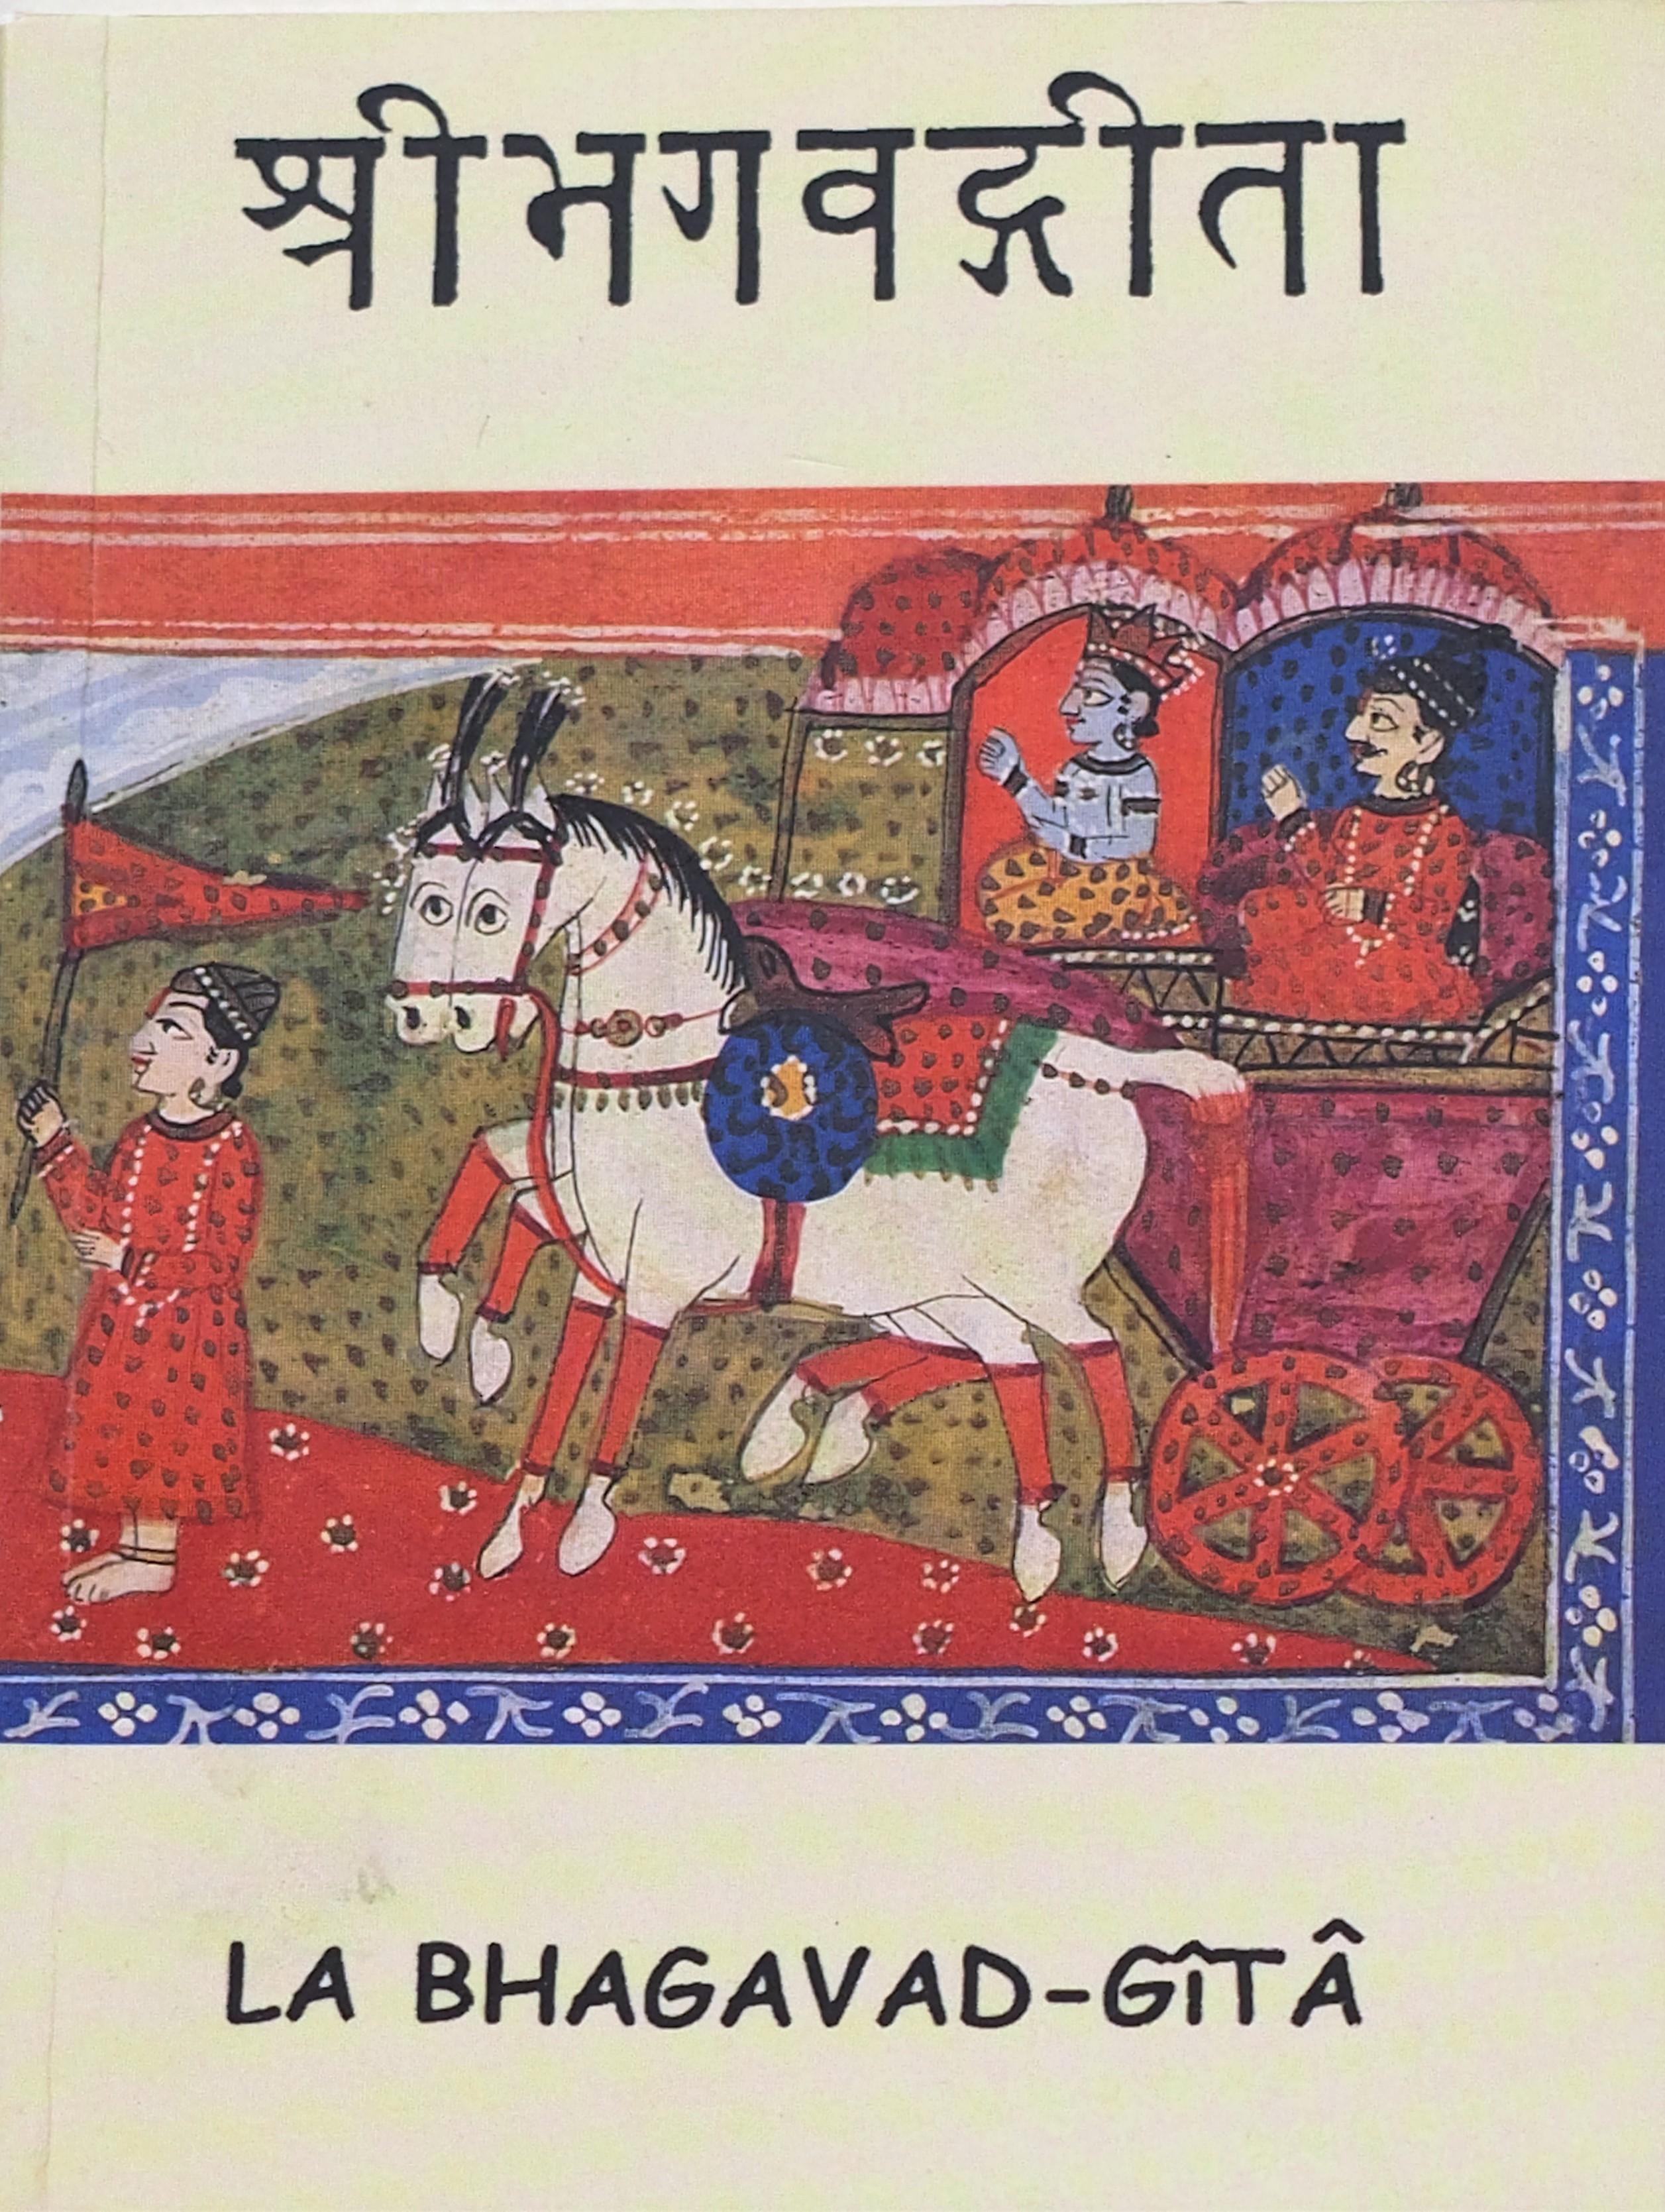 Photo couverture du livre La Bhagavad-Gita